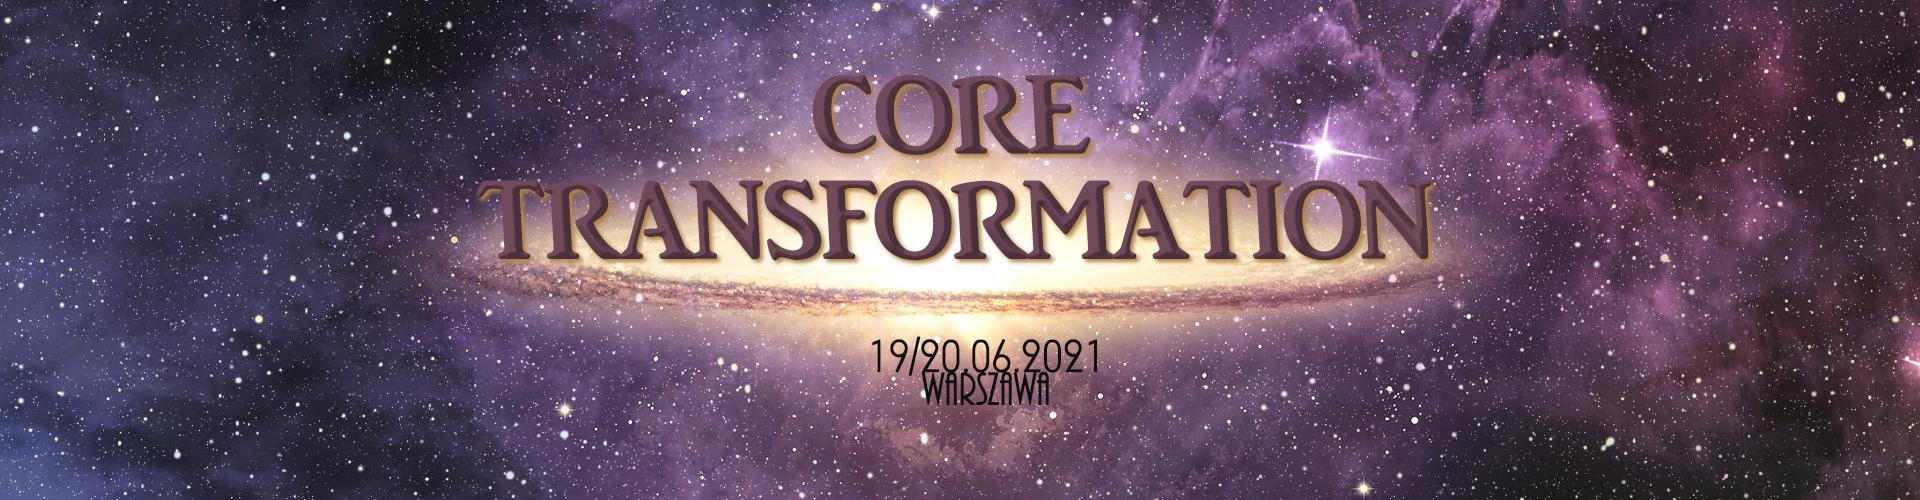 core-transformation-2